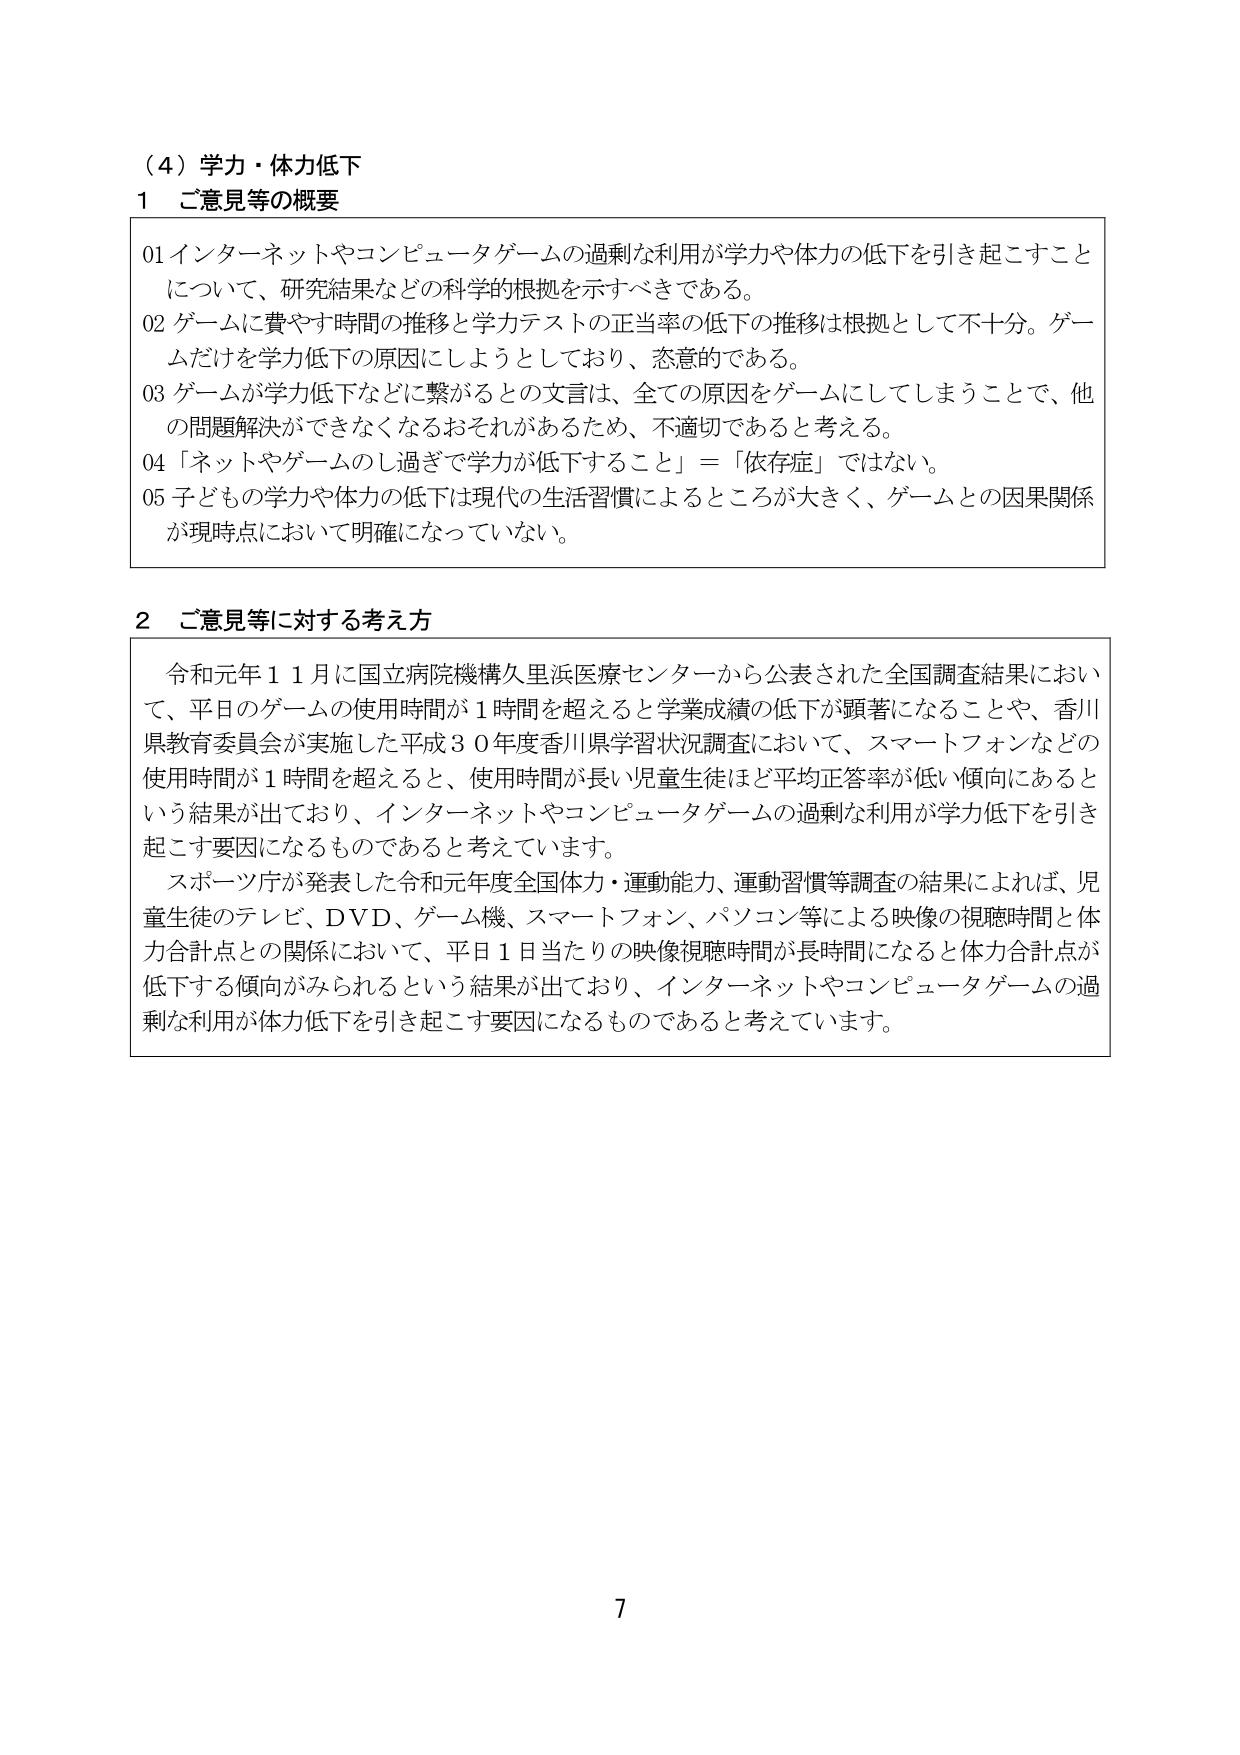 6 5 - 香川県議会、ゲーム1日60分まで条例が可決成立